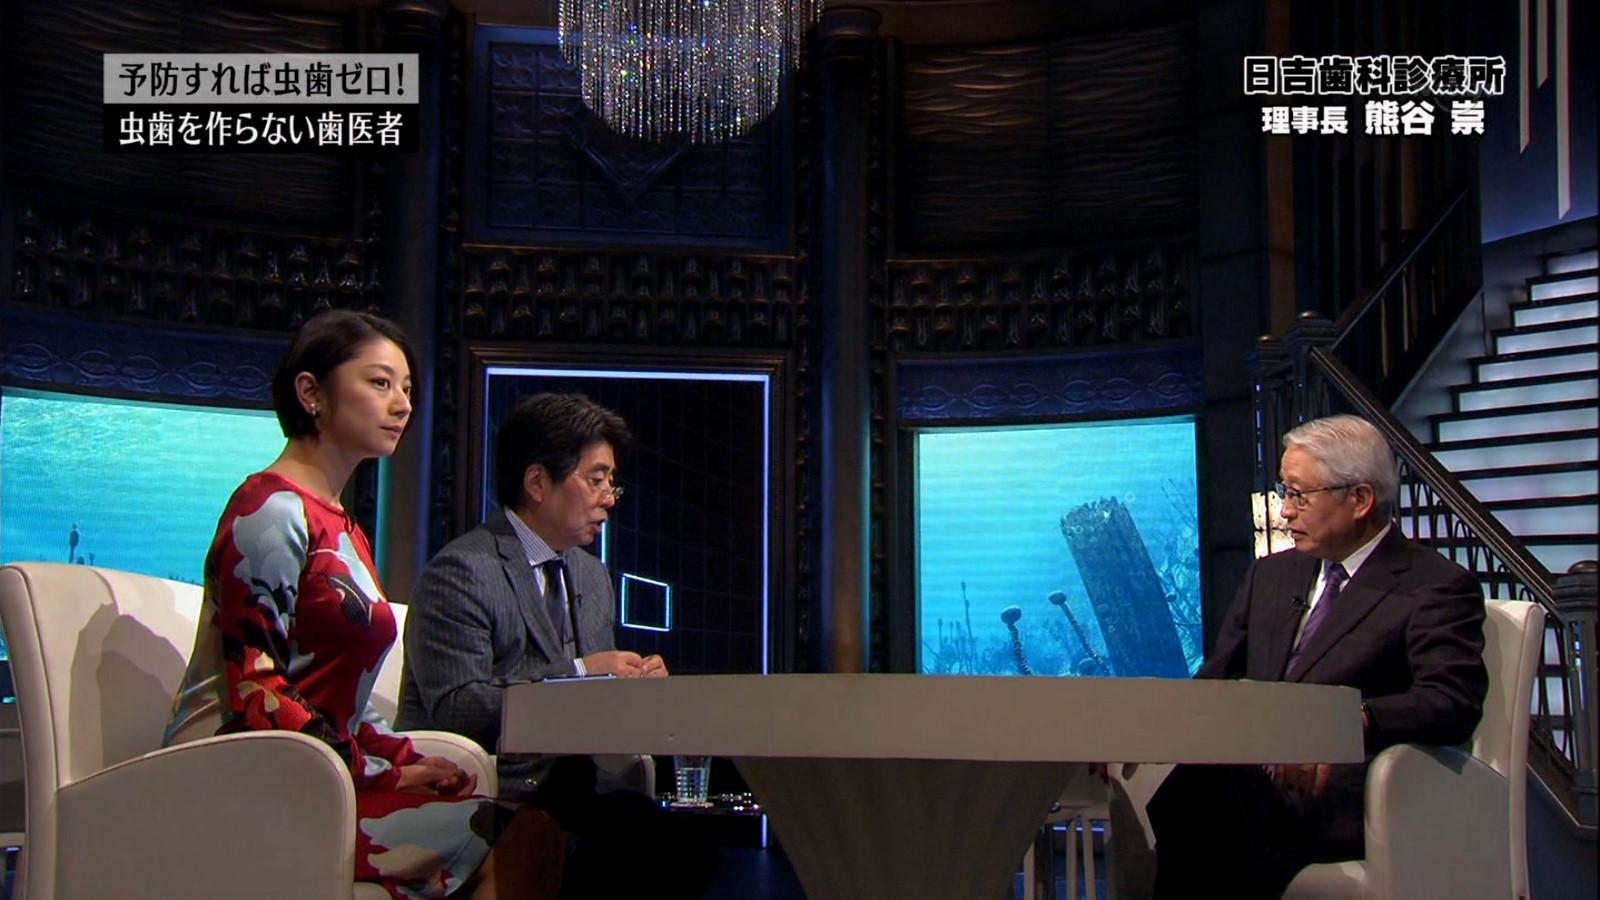 小池栄子のエロ画像とお宝エロ画像